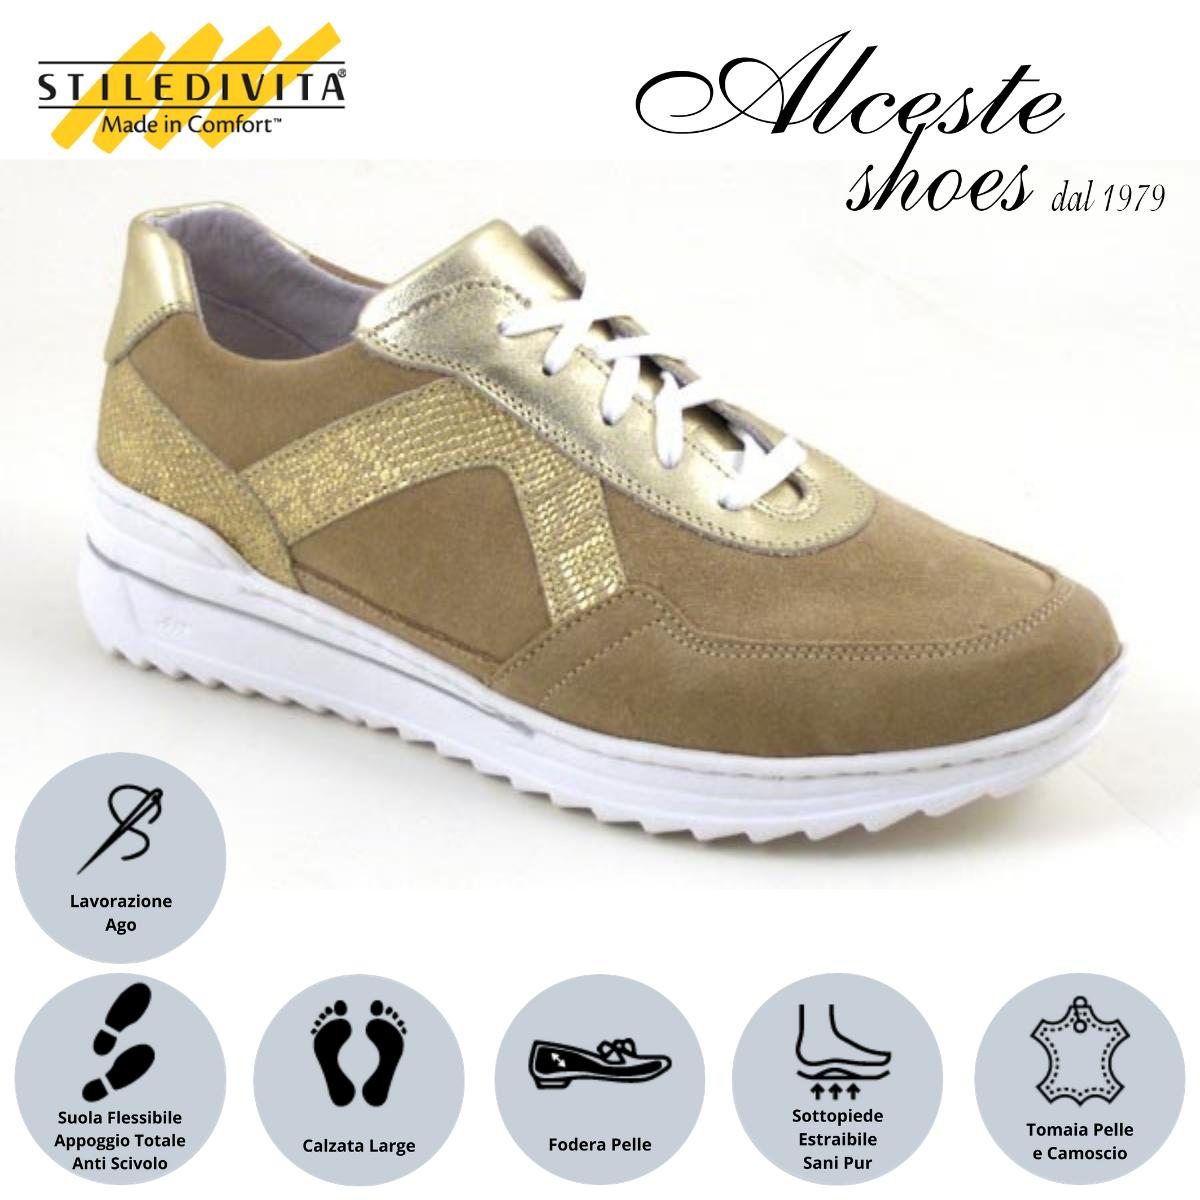 Sneakers Traforate Stiledivita Art. 7442 Camoscio Beige e Pelle Platino Alceste Shoes 14 1